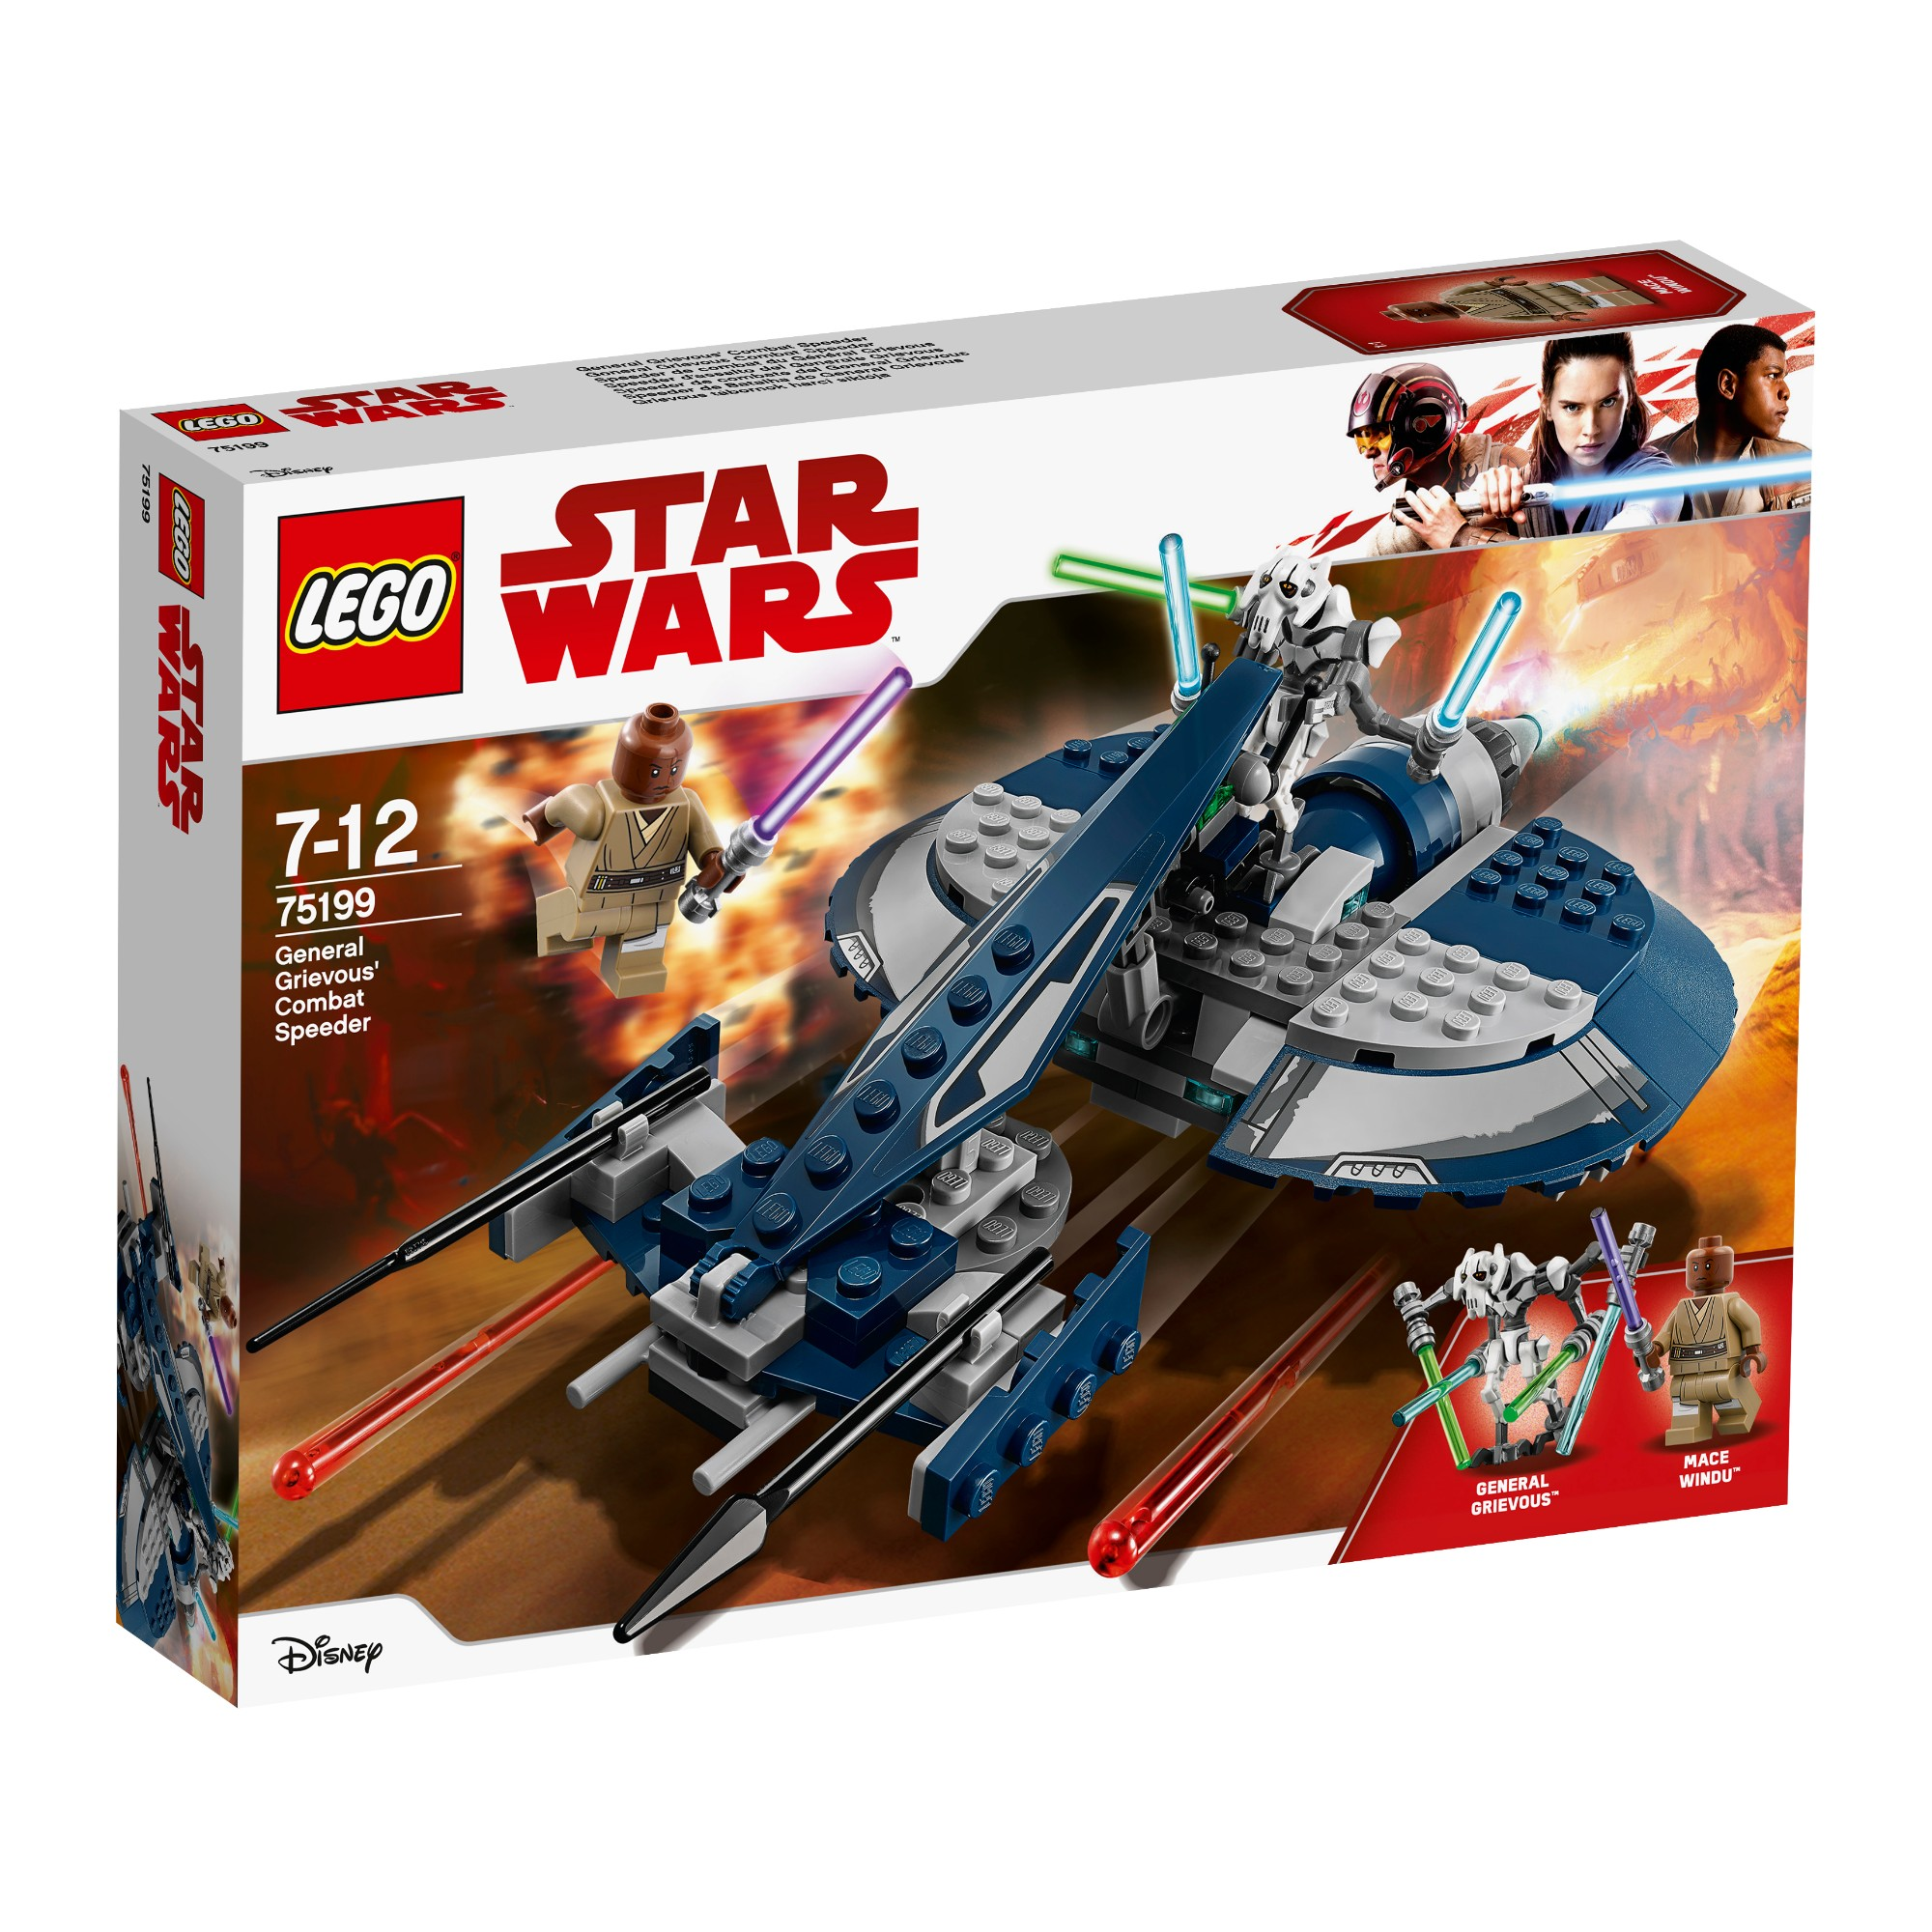 Konstruktorius LEGO STAR WARS TM Kovinė greitaeigė skraidyklė 7-12 metų vaikams (75199)